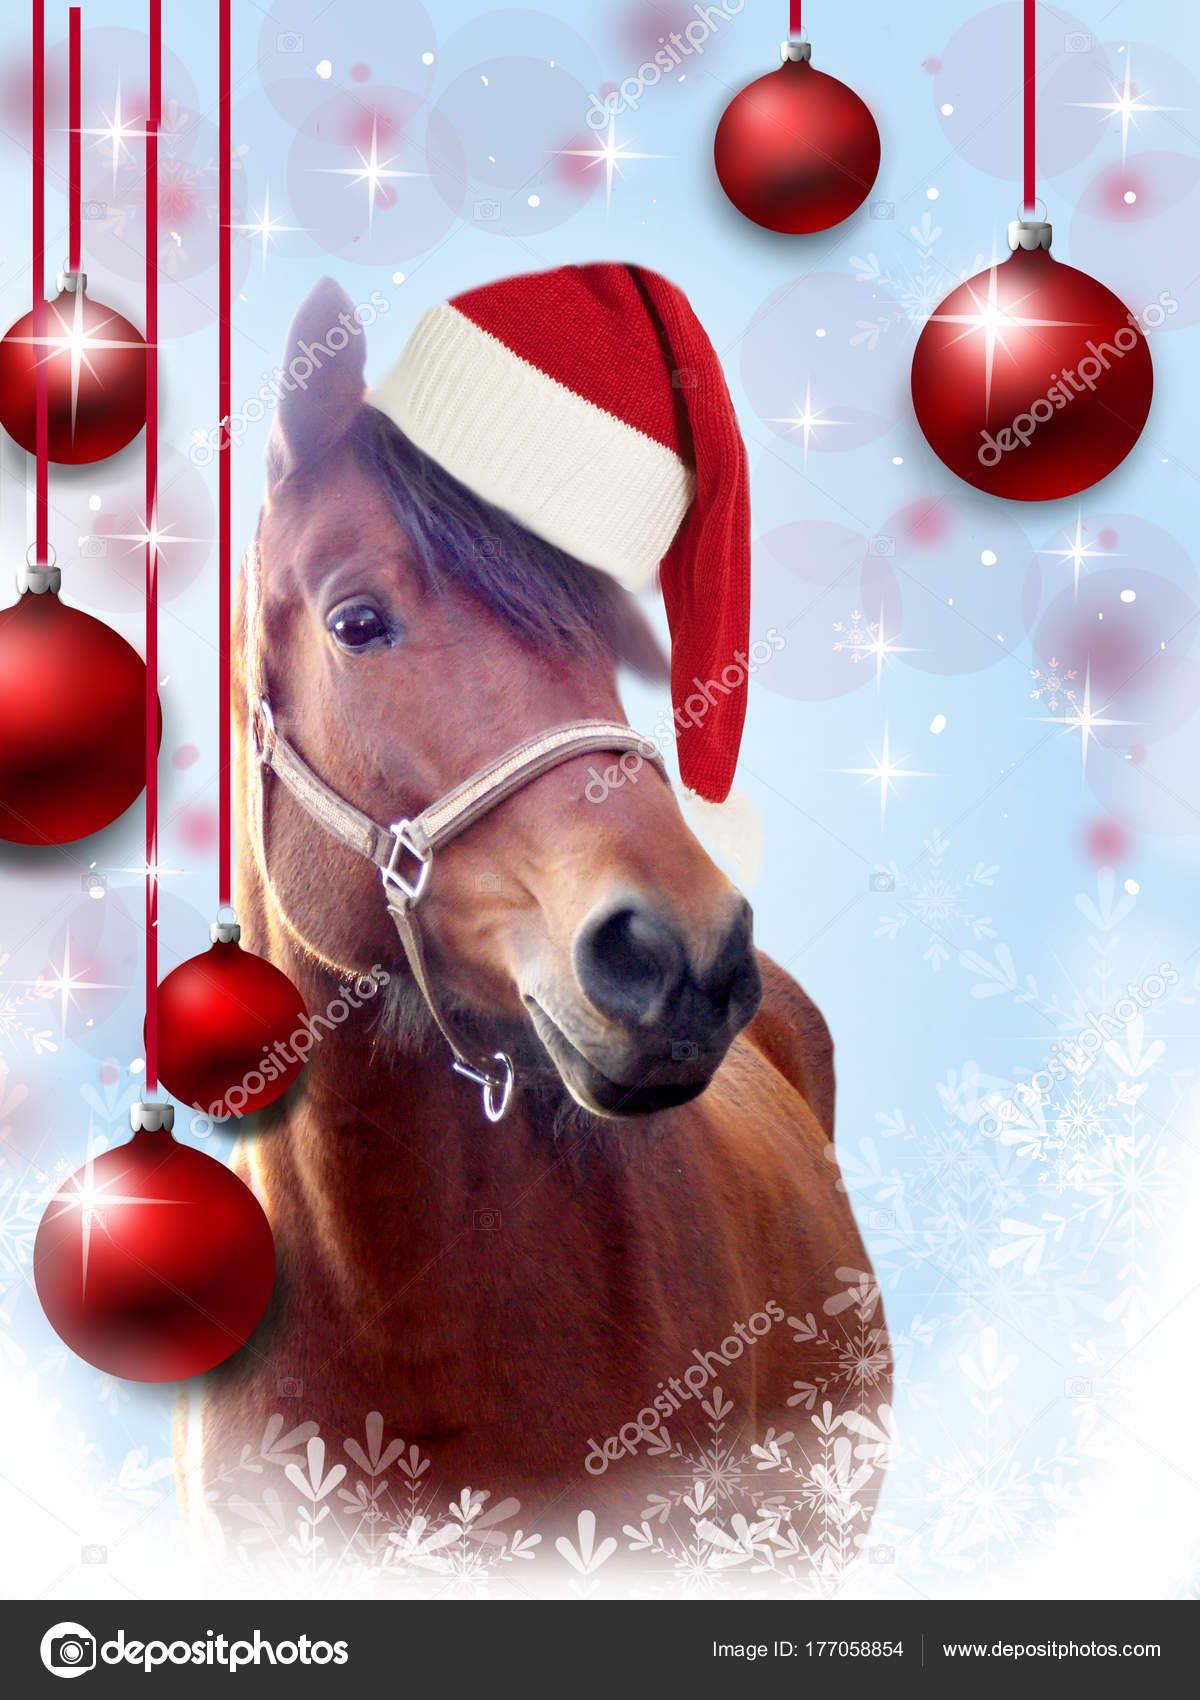 Immagini Di Natale Con Cavalli.Immagini Auguri Di Buon Natale Con Cavalli Cartolina D